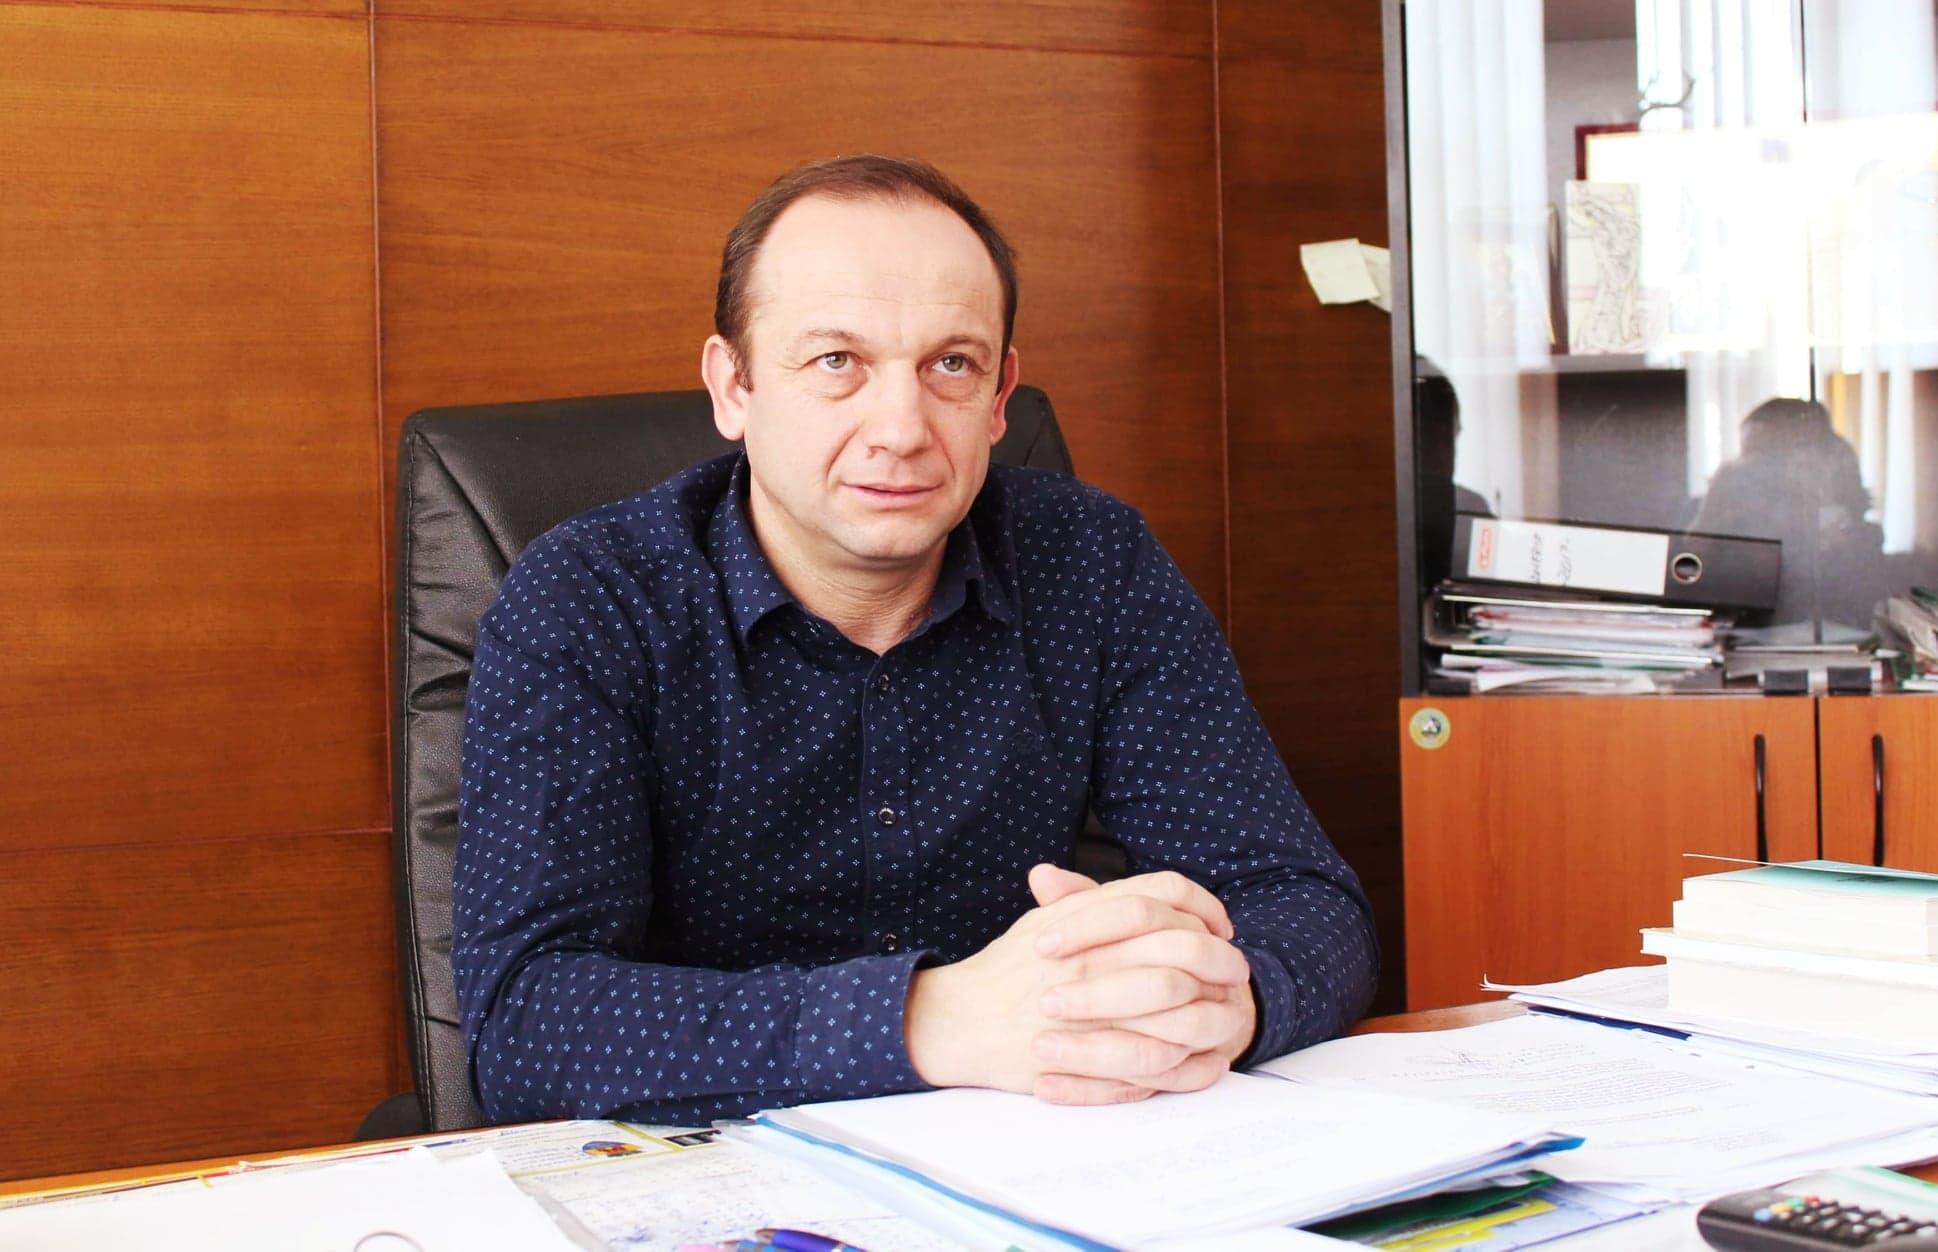 Comuna Viștea: primele rezultate îl dau pe Florin Ioani primar